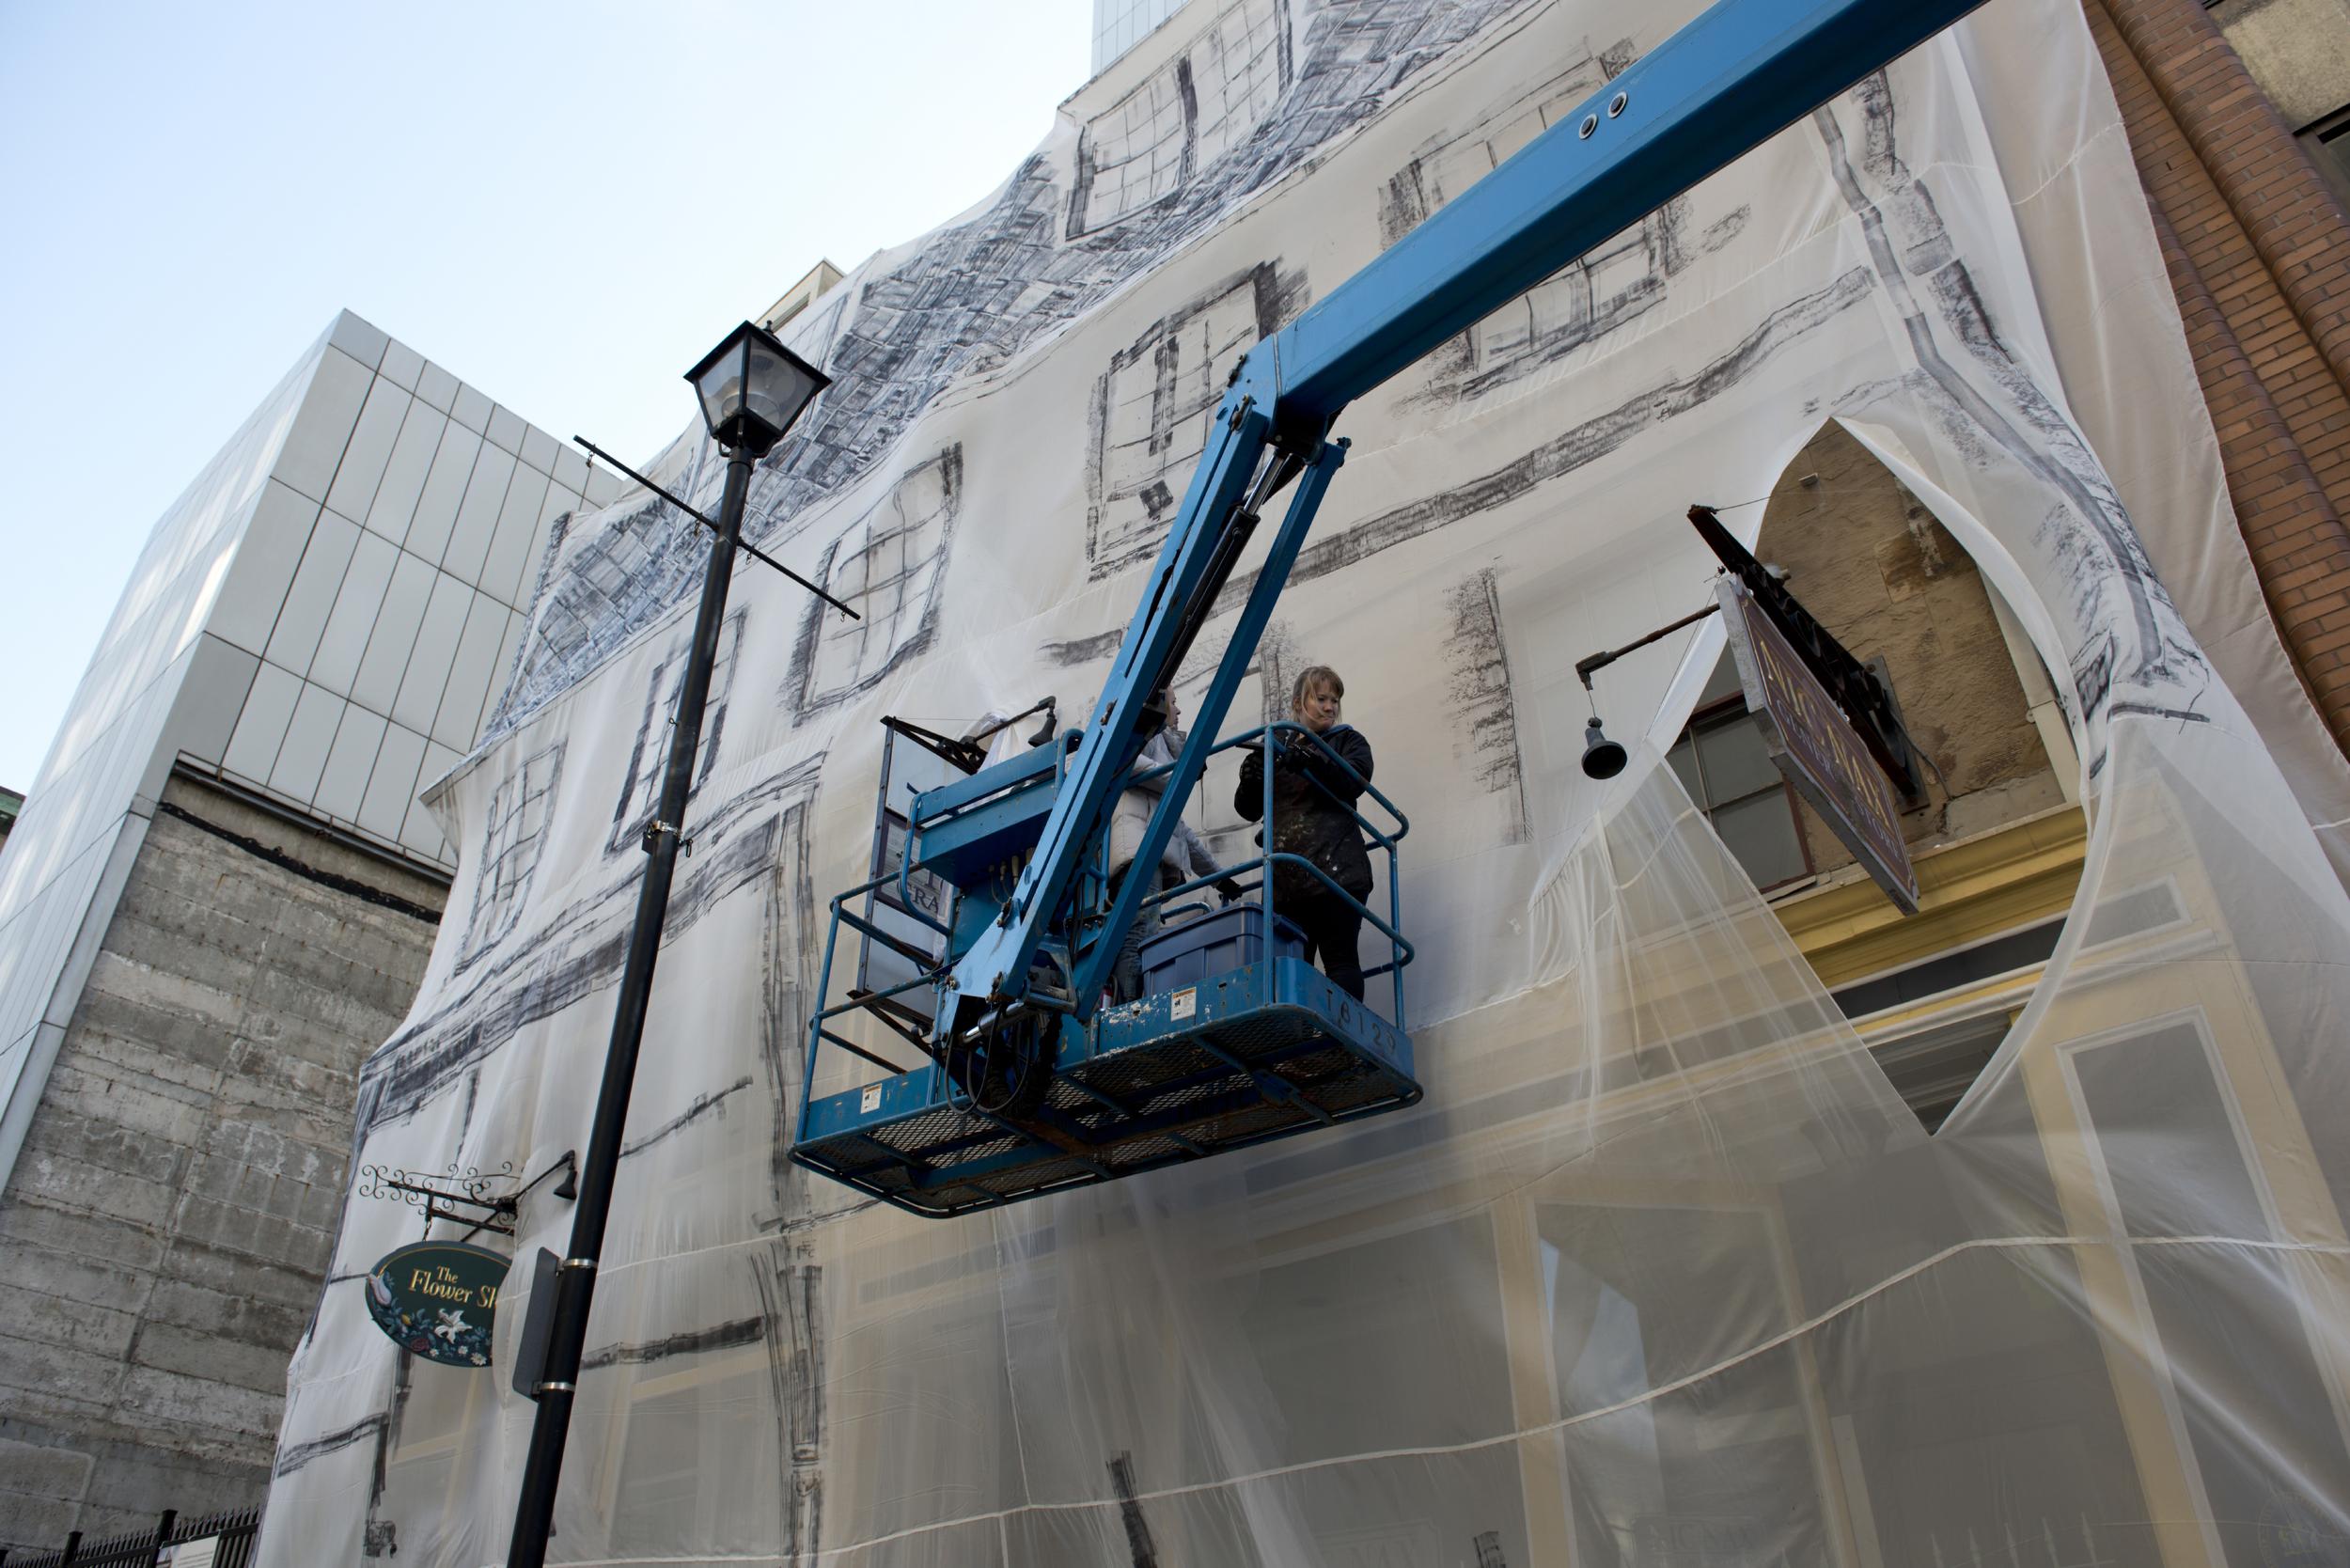 Shroud: The Macara Barnstead Building, 2012